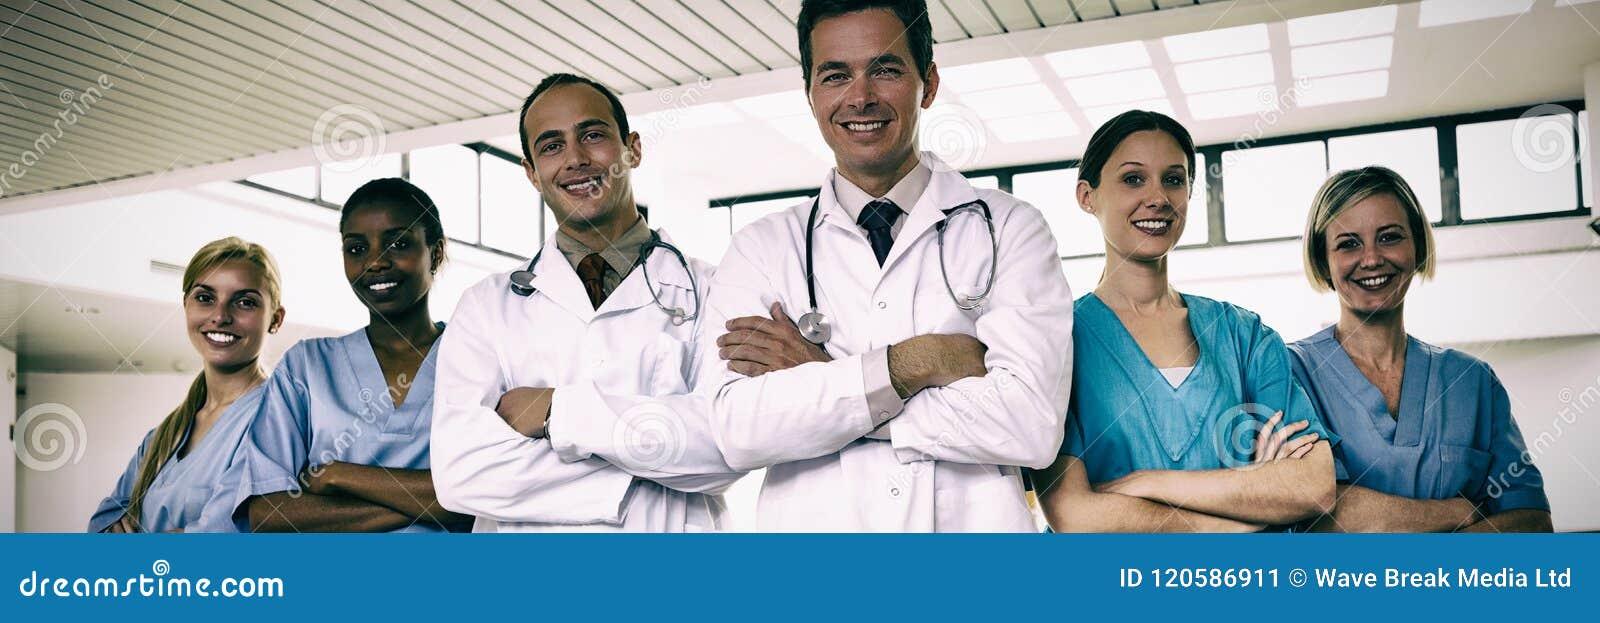 Portret van artsen en verpleegsters met gekruiste wapens